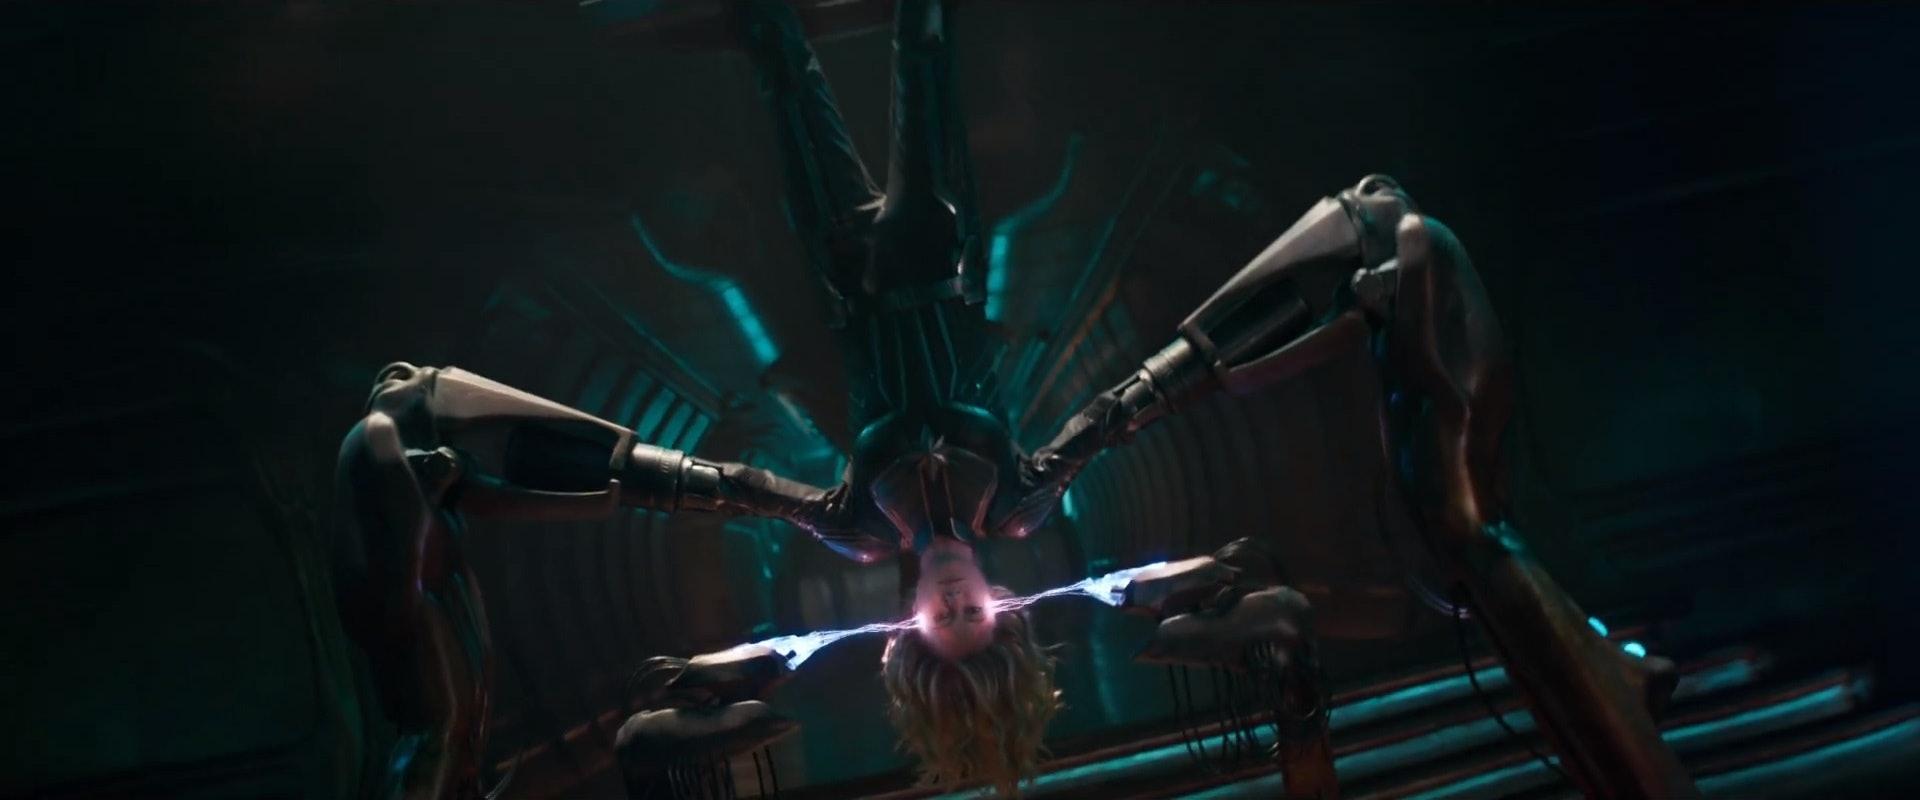 'Captain Marvel' trailer